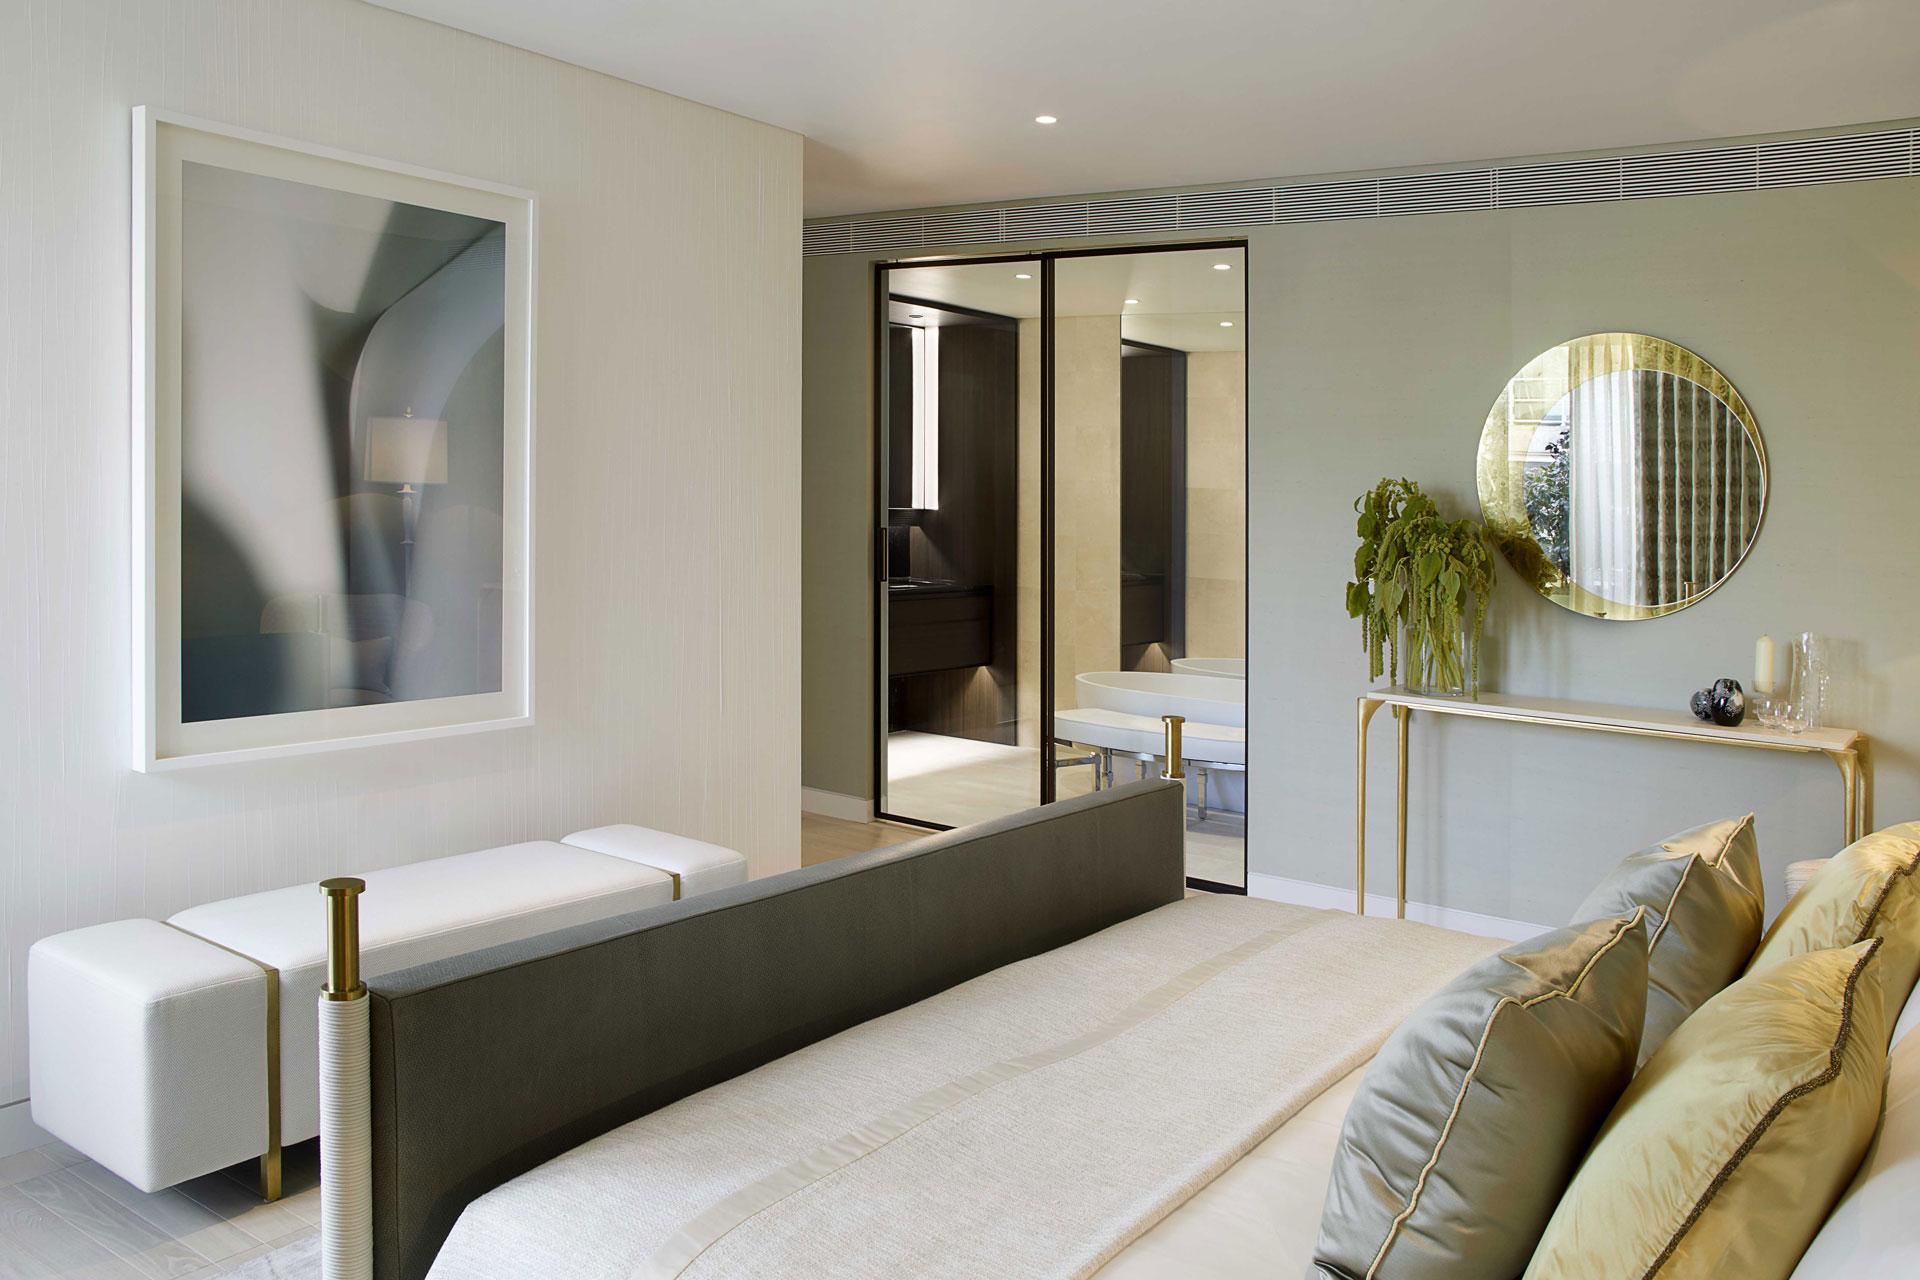 master bedroom ideas master bedroom 10 David Collins Master Bedroom Ideas 4 interior master bed bathroom